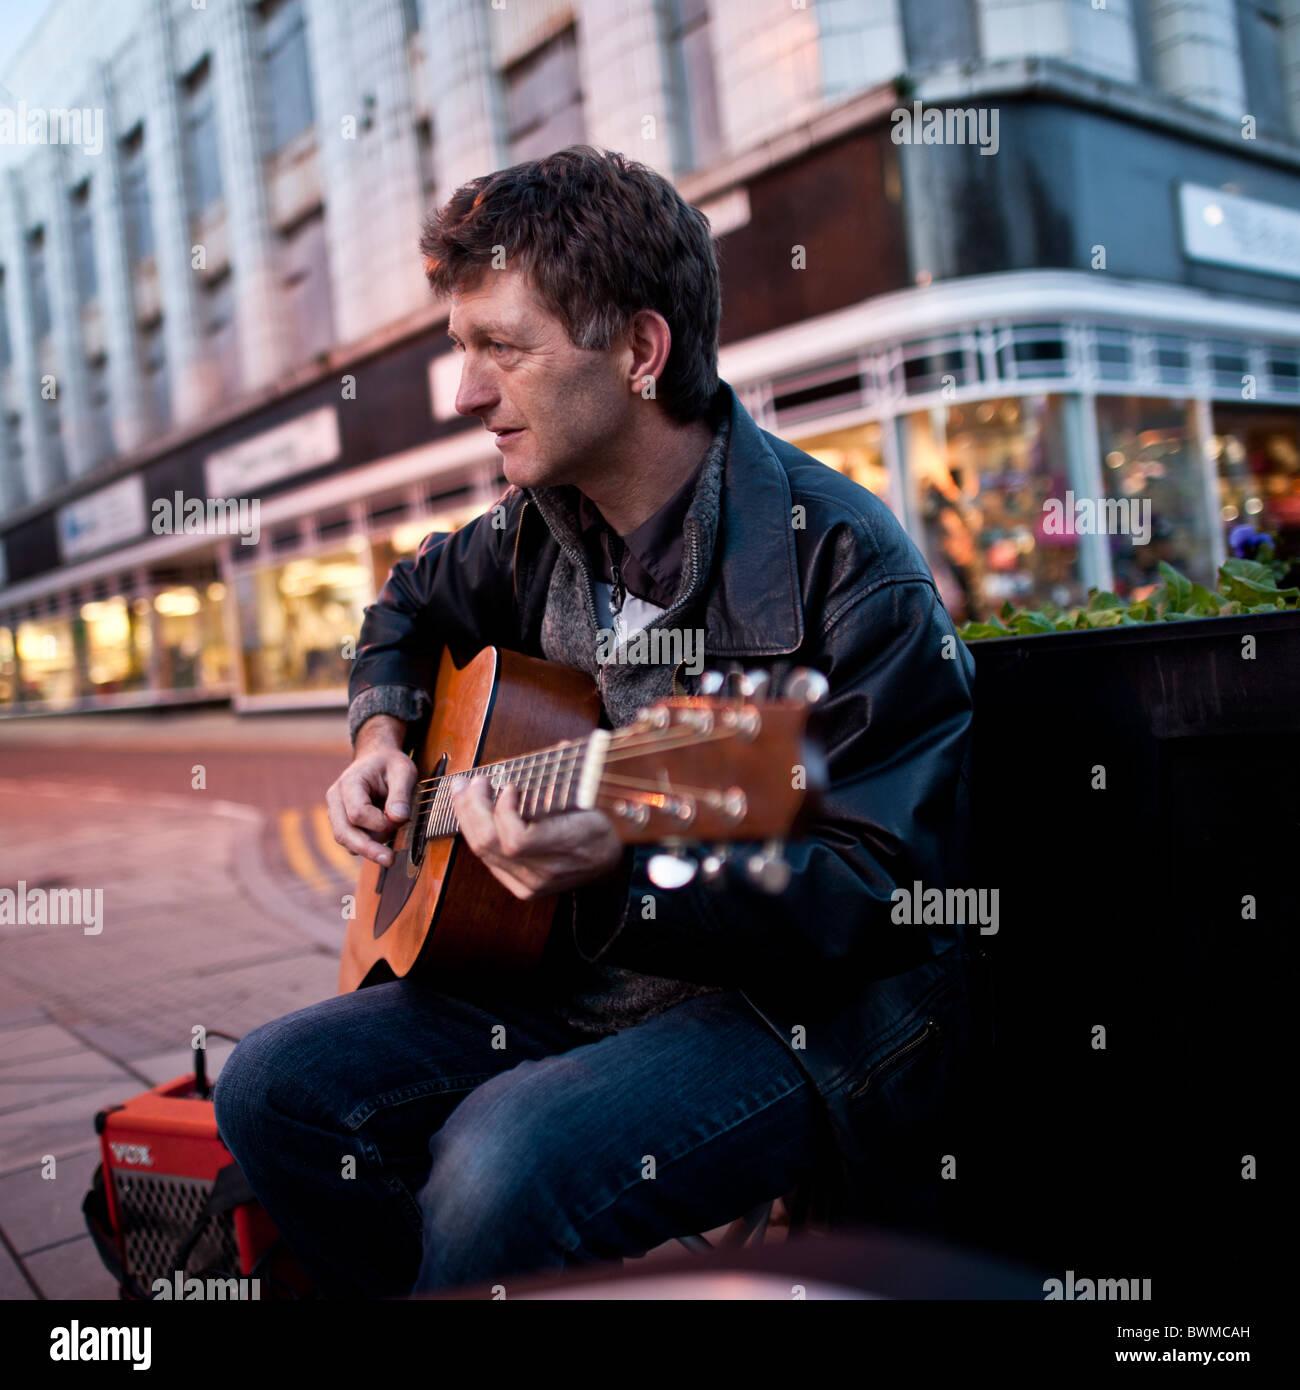 Un homme qui joue de la guitare de la rue dans les rues d'Aberystwyth, Pays de Galles UK Banque D'Images